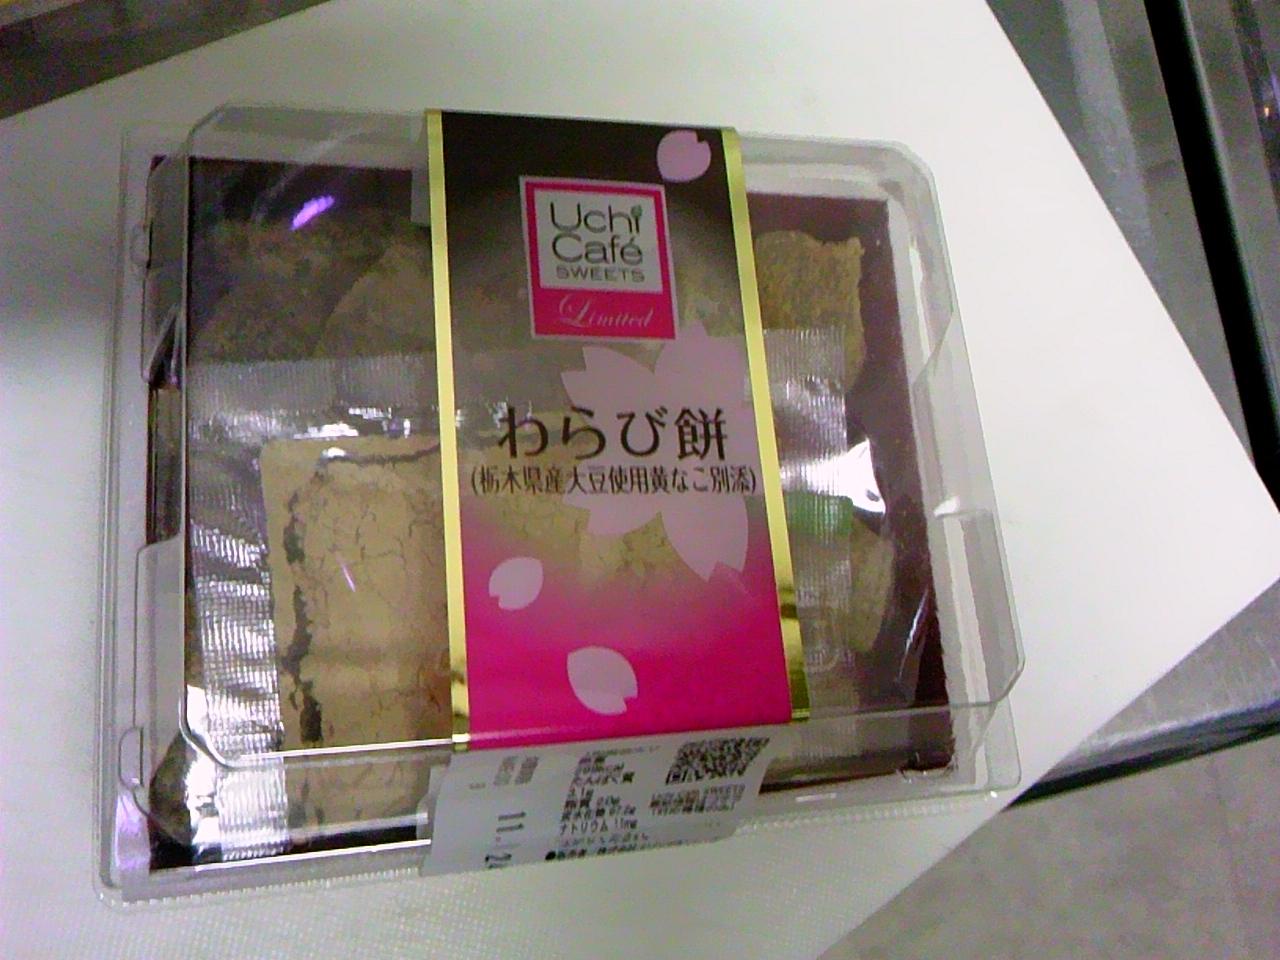 ローソン2011春コレスイーツ第4弾!